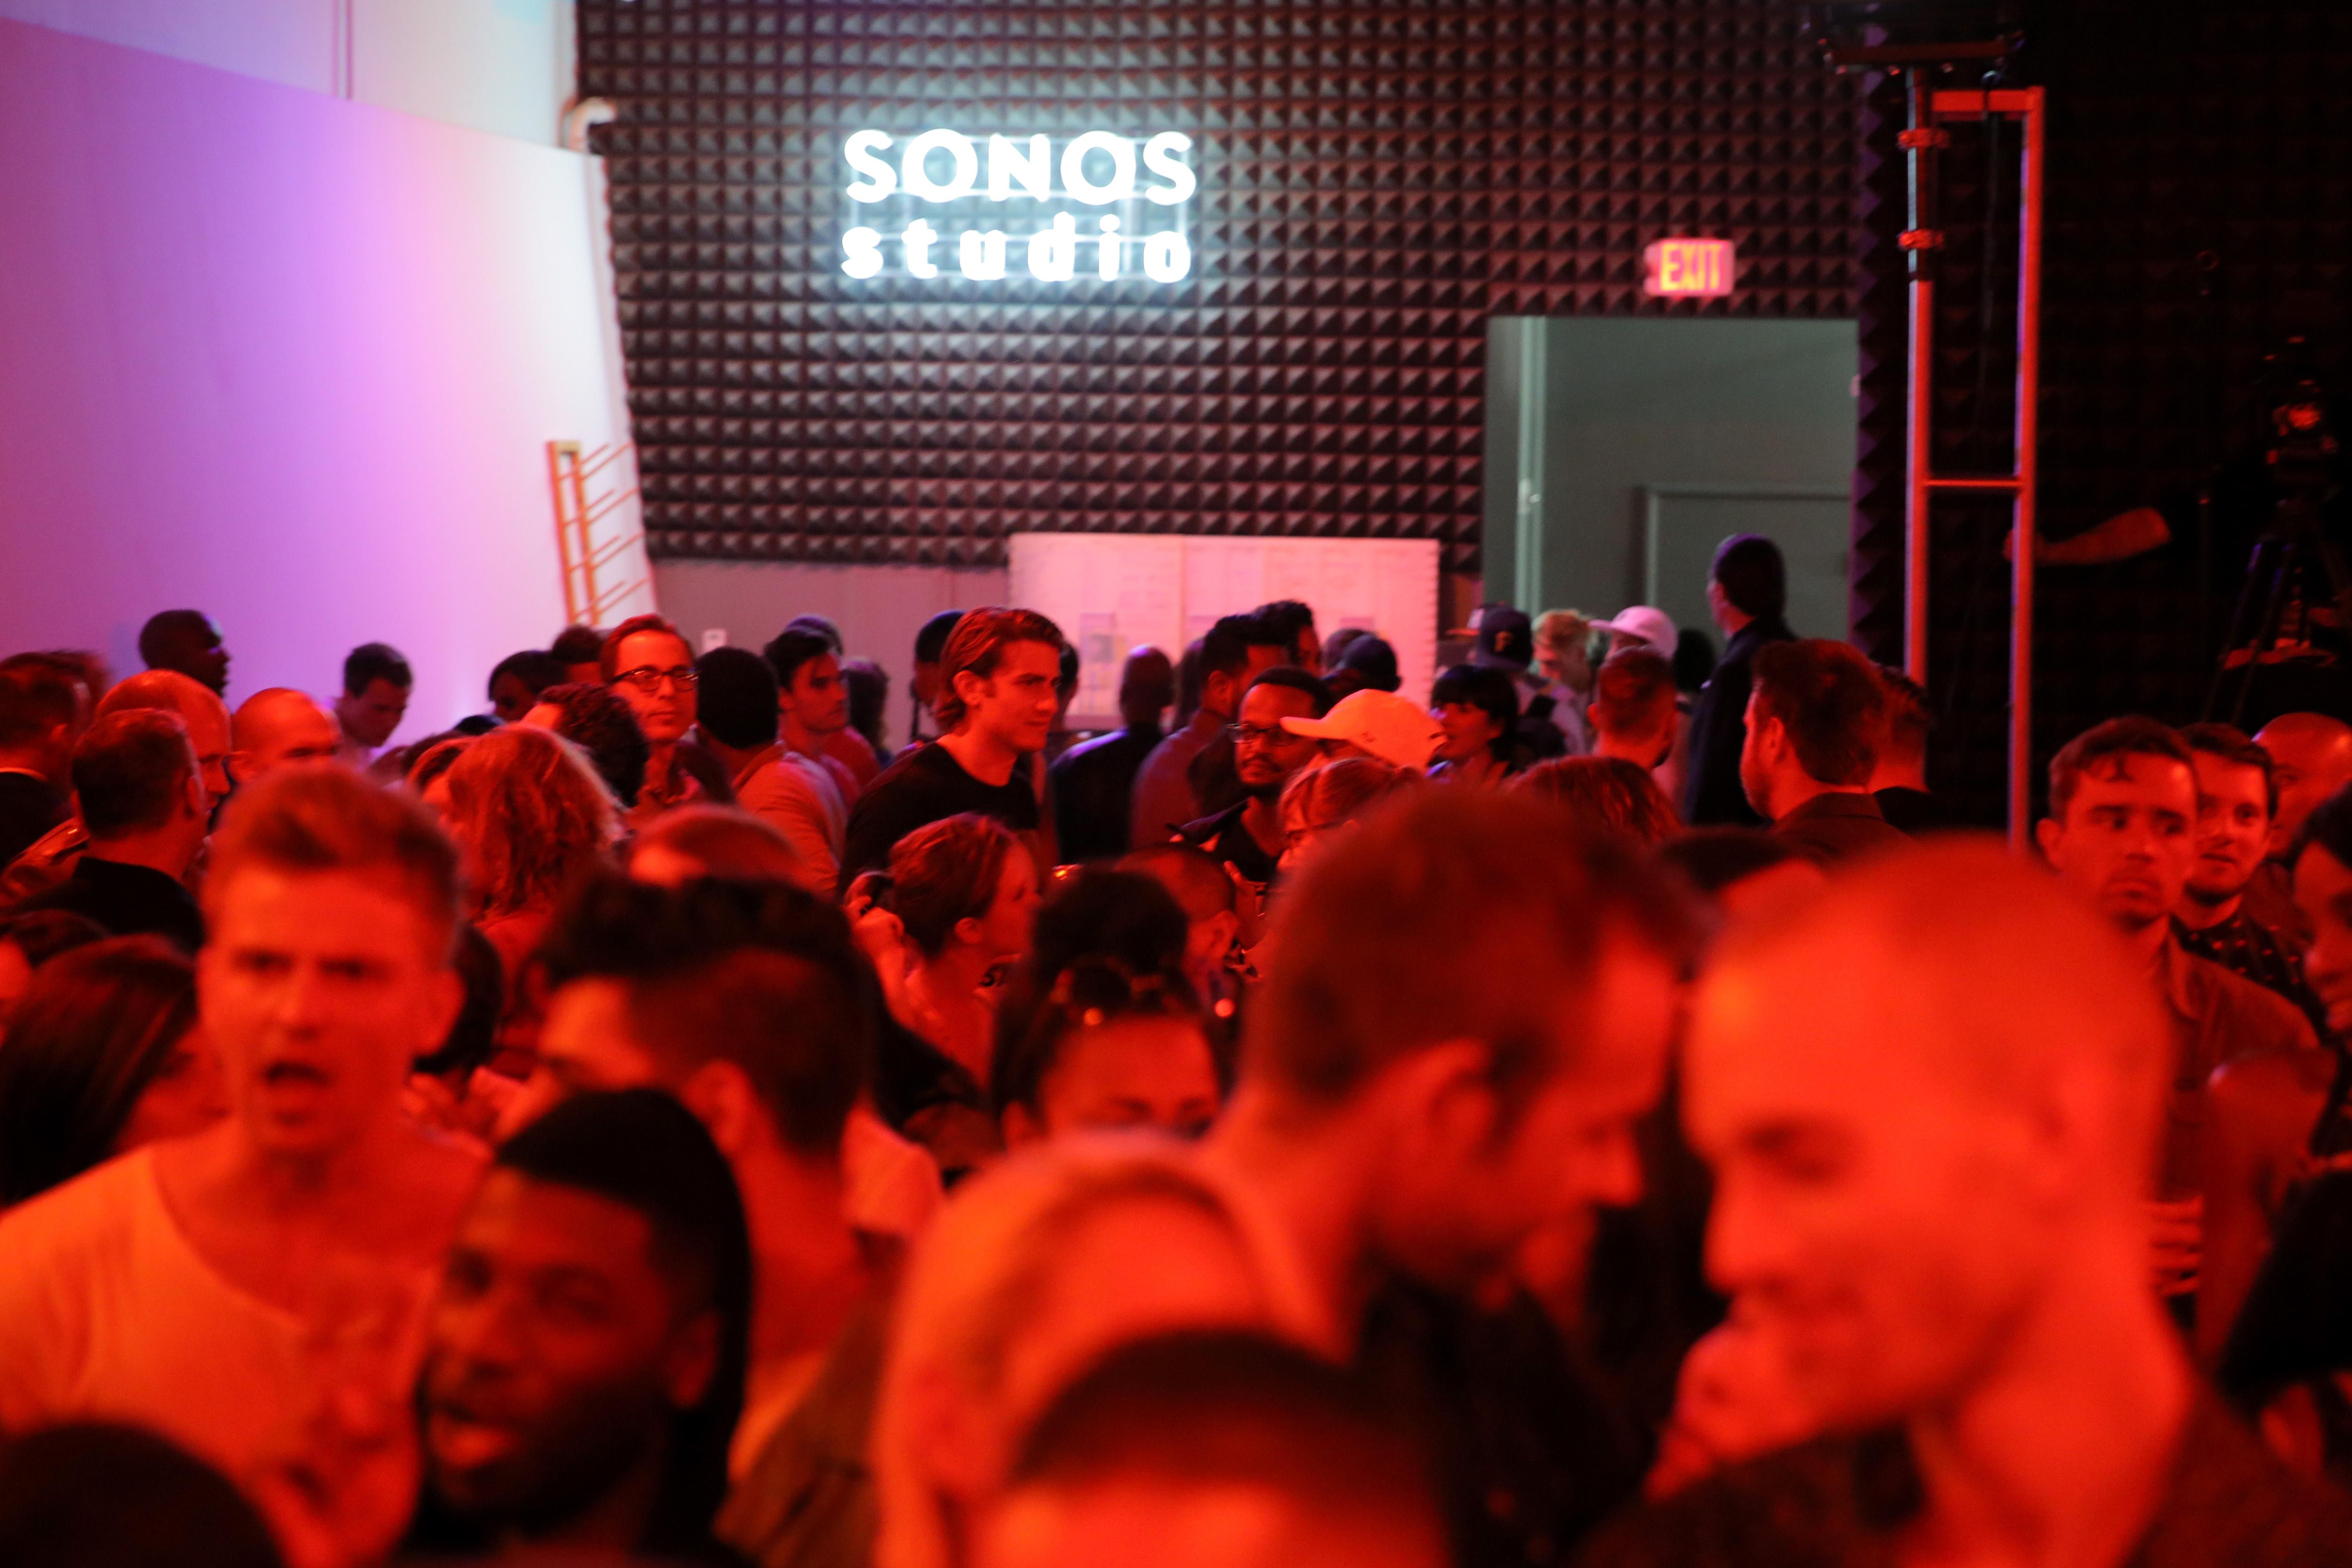 SONOS Studio + PANDORA: An Evening With Miguel